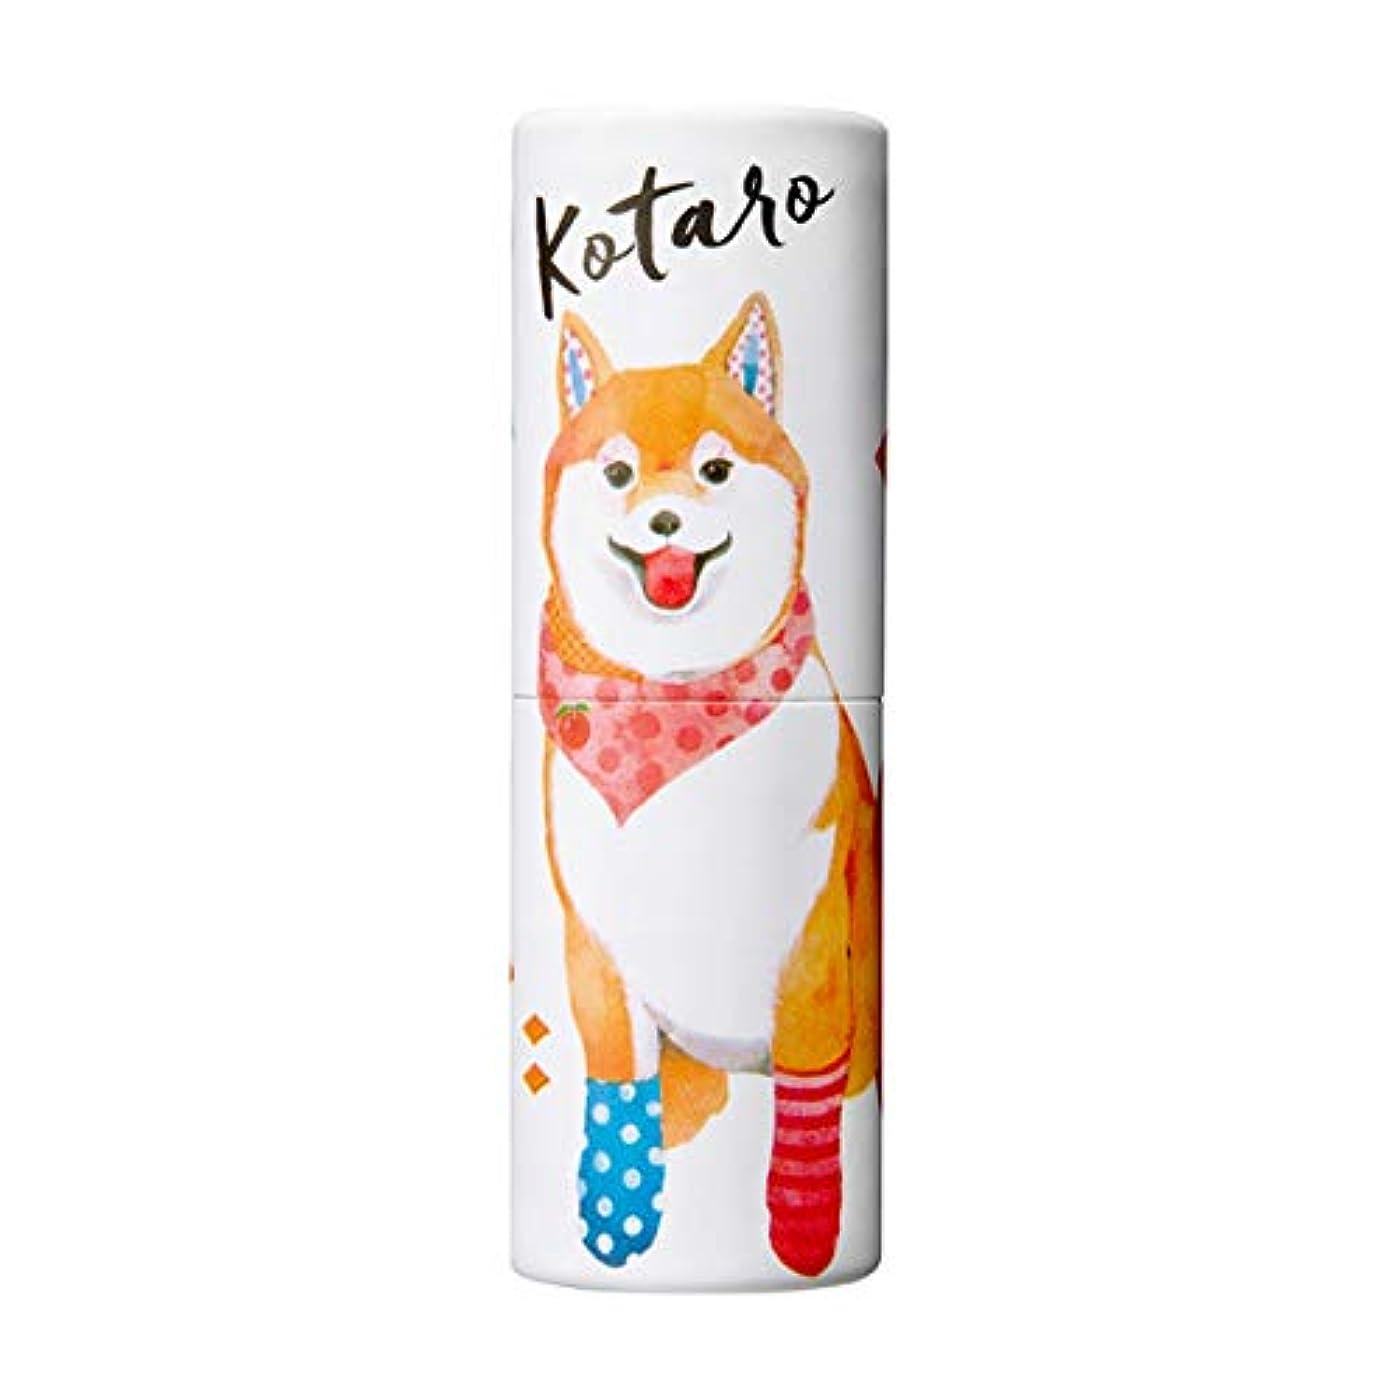 疲労求める交換可能ヴァシリーサ パフュームスティック コタロー 柴犬 練り香水 5g